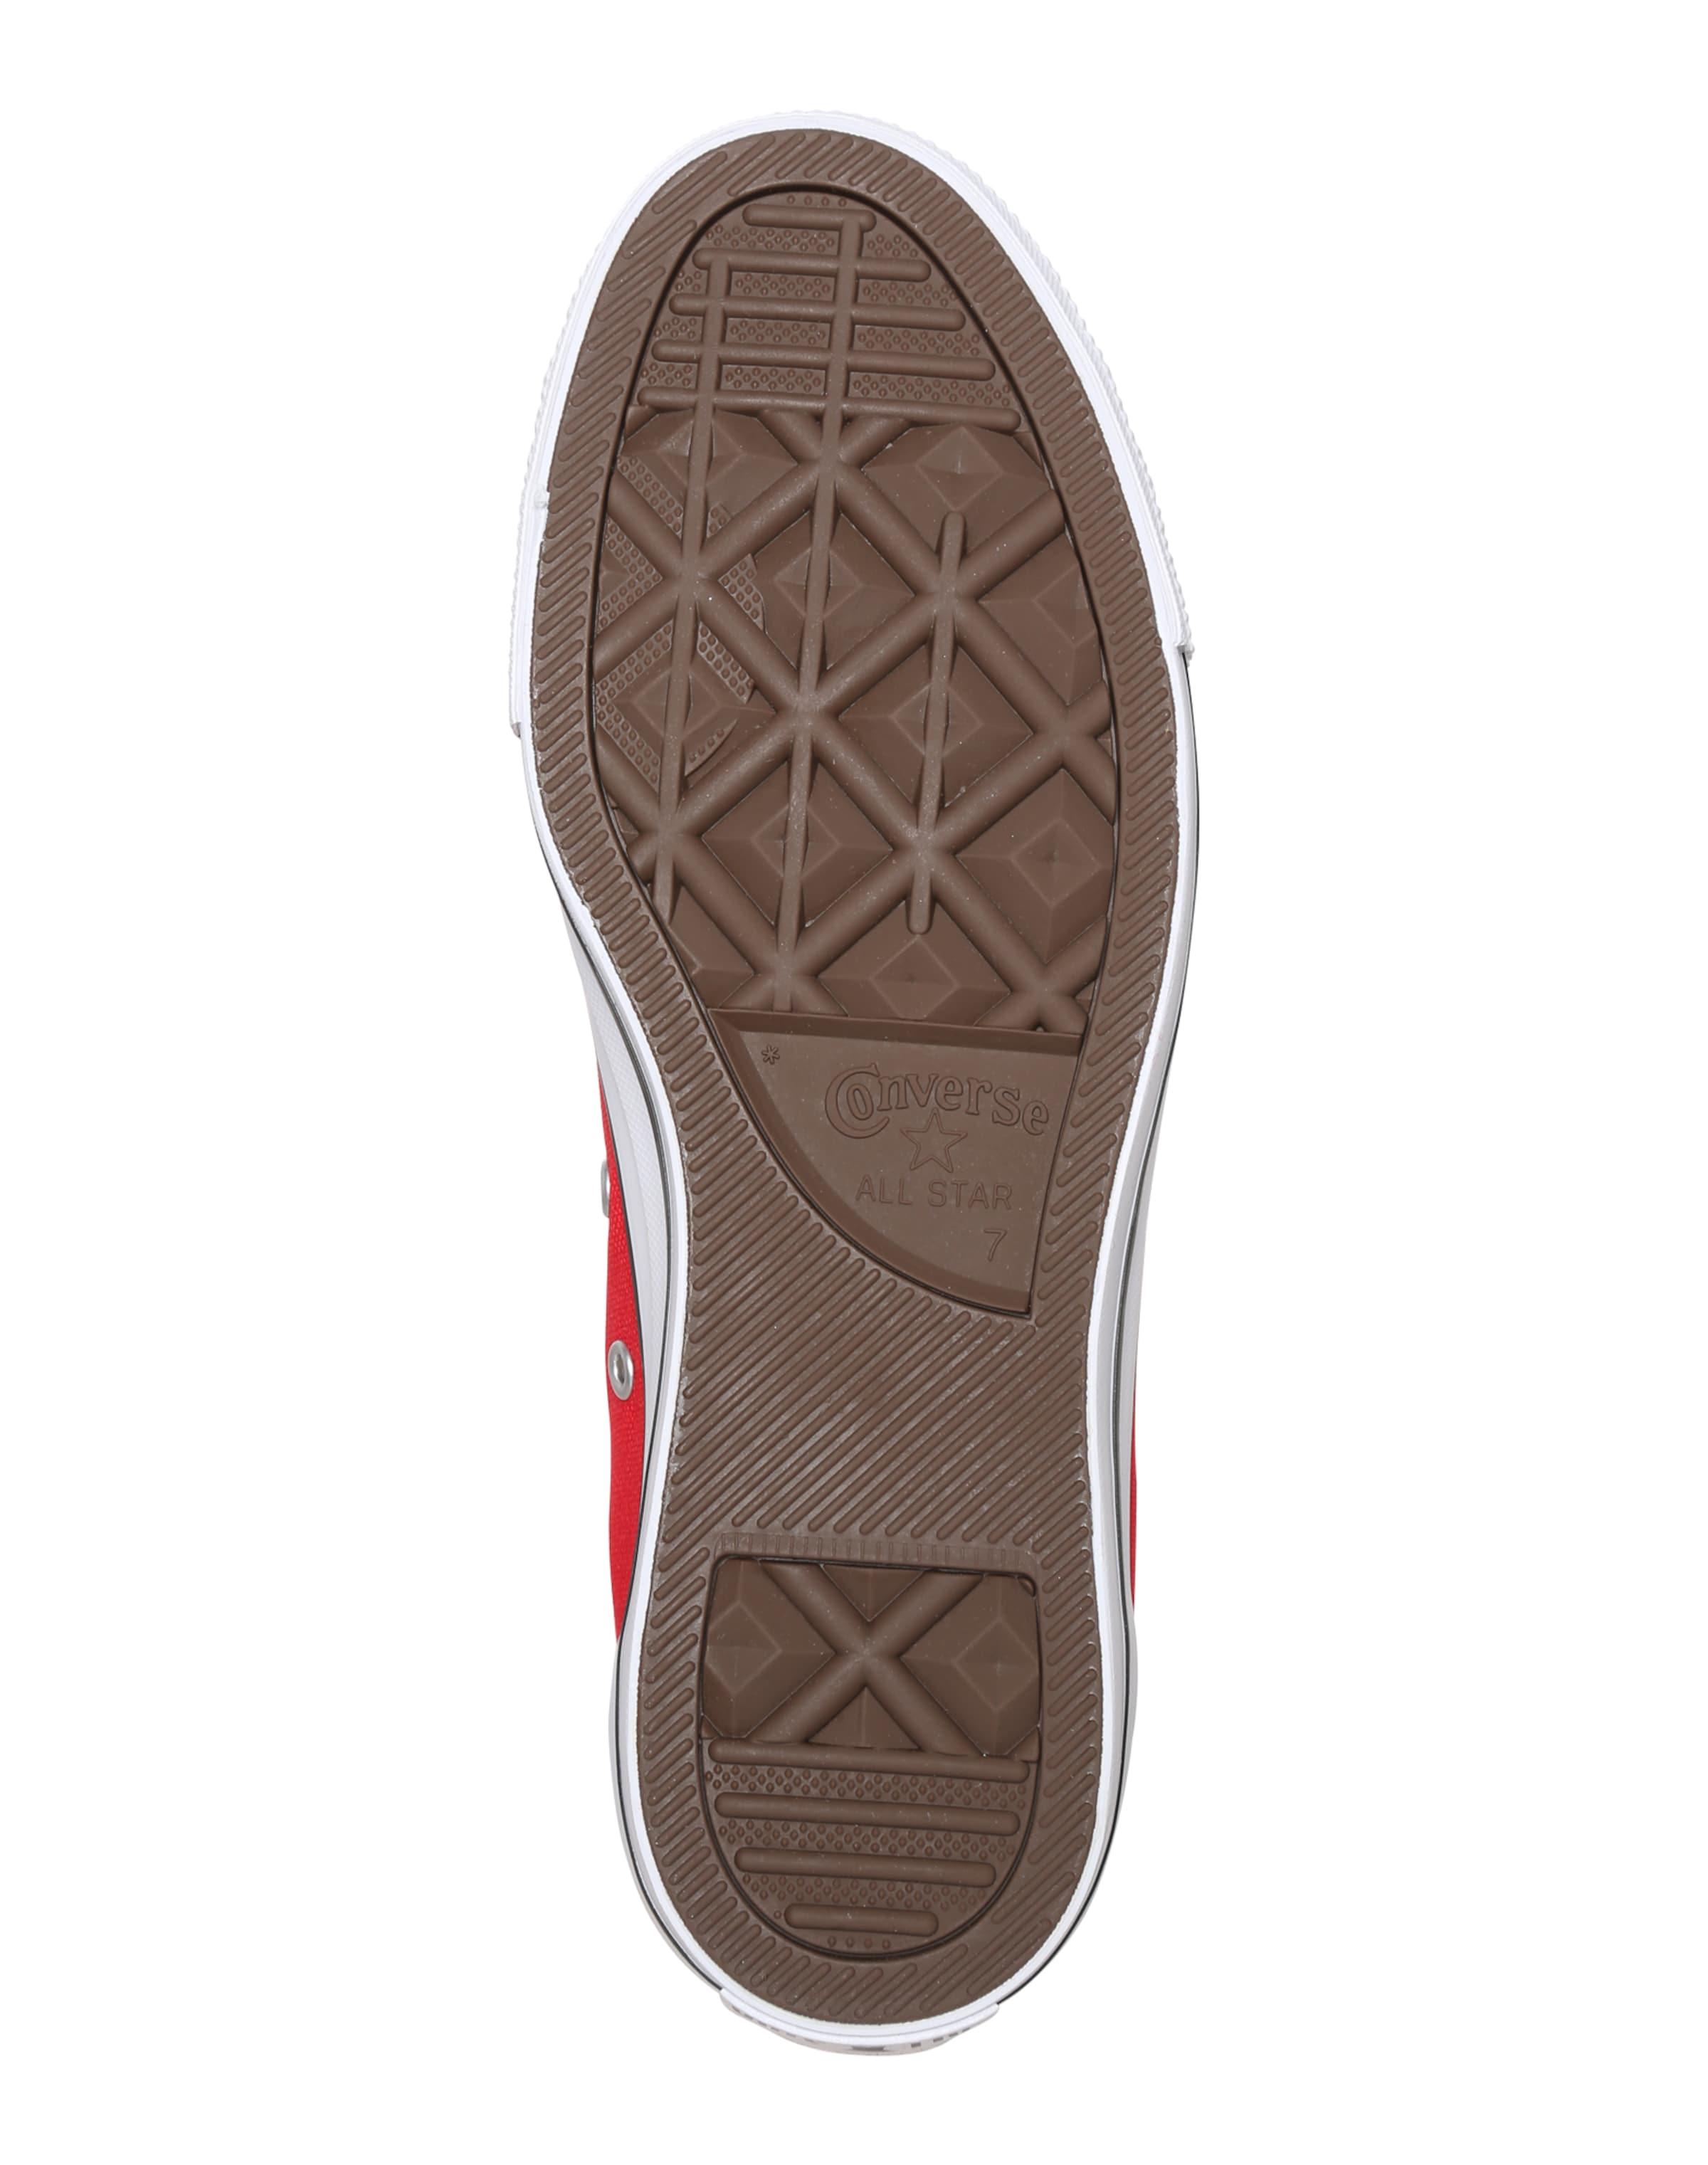 CONVERSE Sneaker Low 'Chuck Taylor AS Core' Günstig Kaufen 2018 Neue Billige Breite Palette Von Günstig Kaufen Footaction Genießen Freies Verschiffen tjWPK